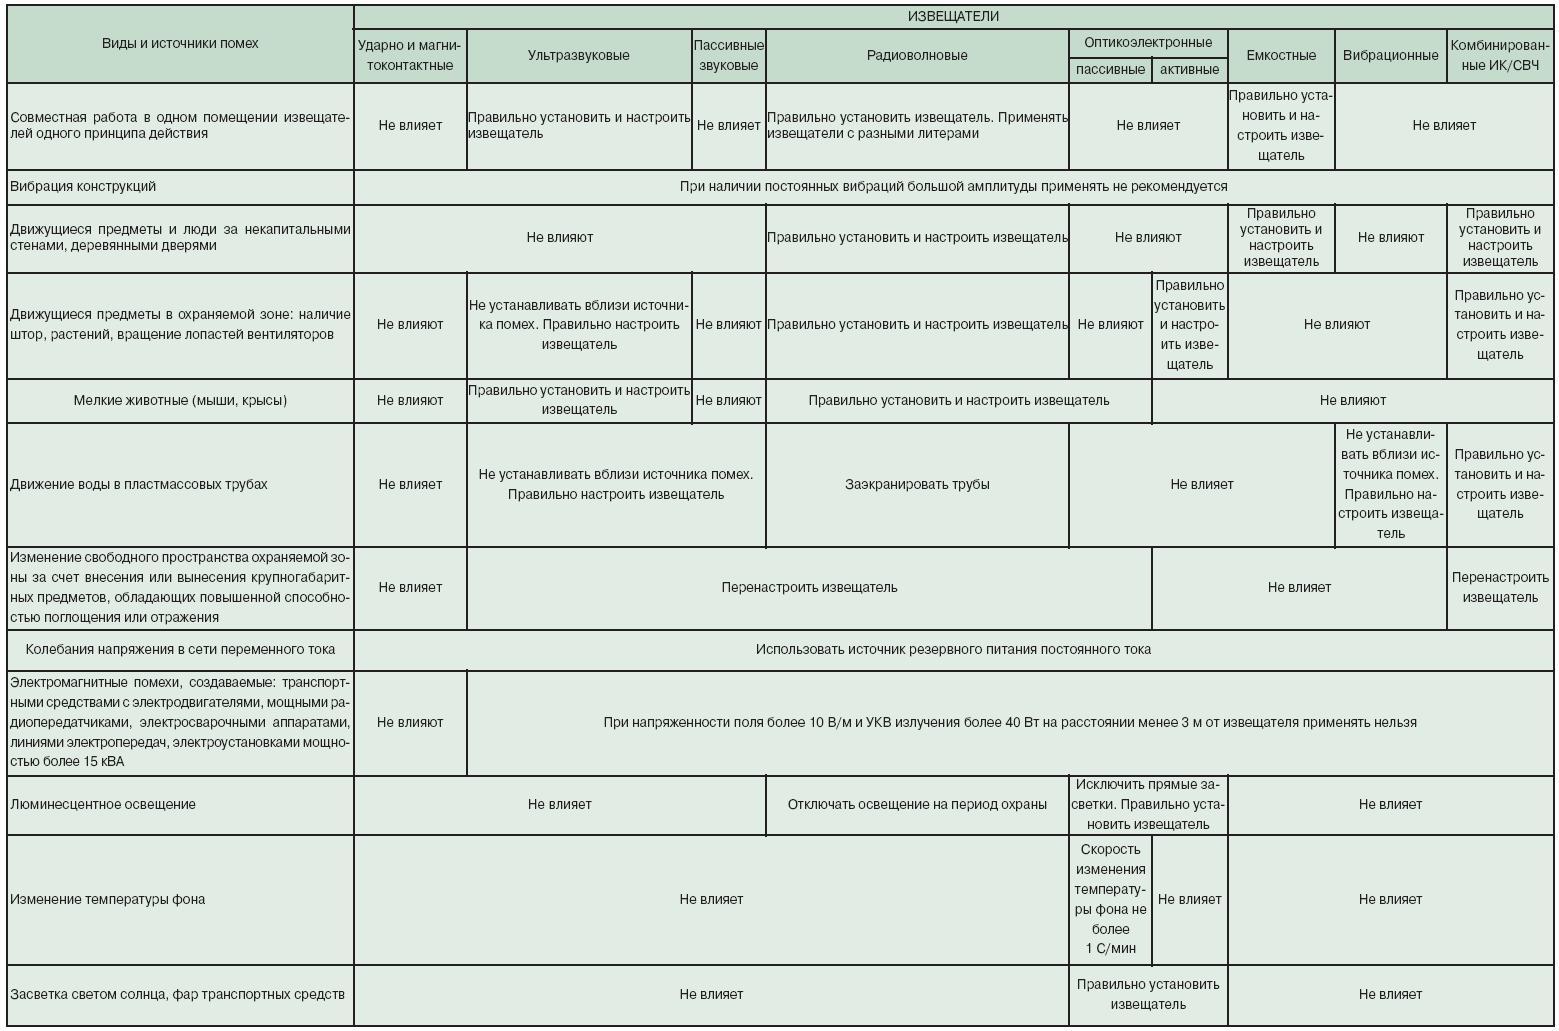 Нормативные документы  Форум сметчиков  Разное  Сметчик